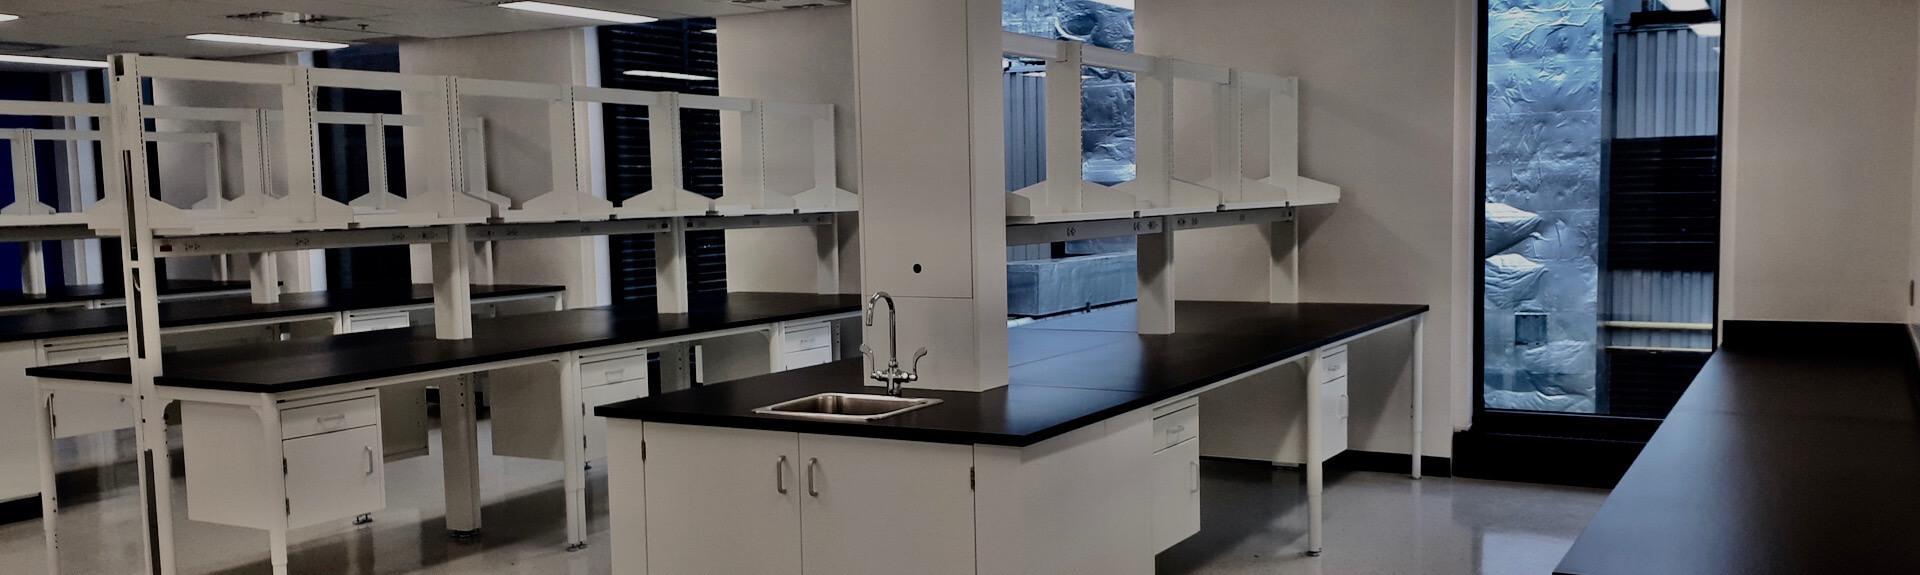 Aménagement de mobilier dans un laboratoire de recherche